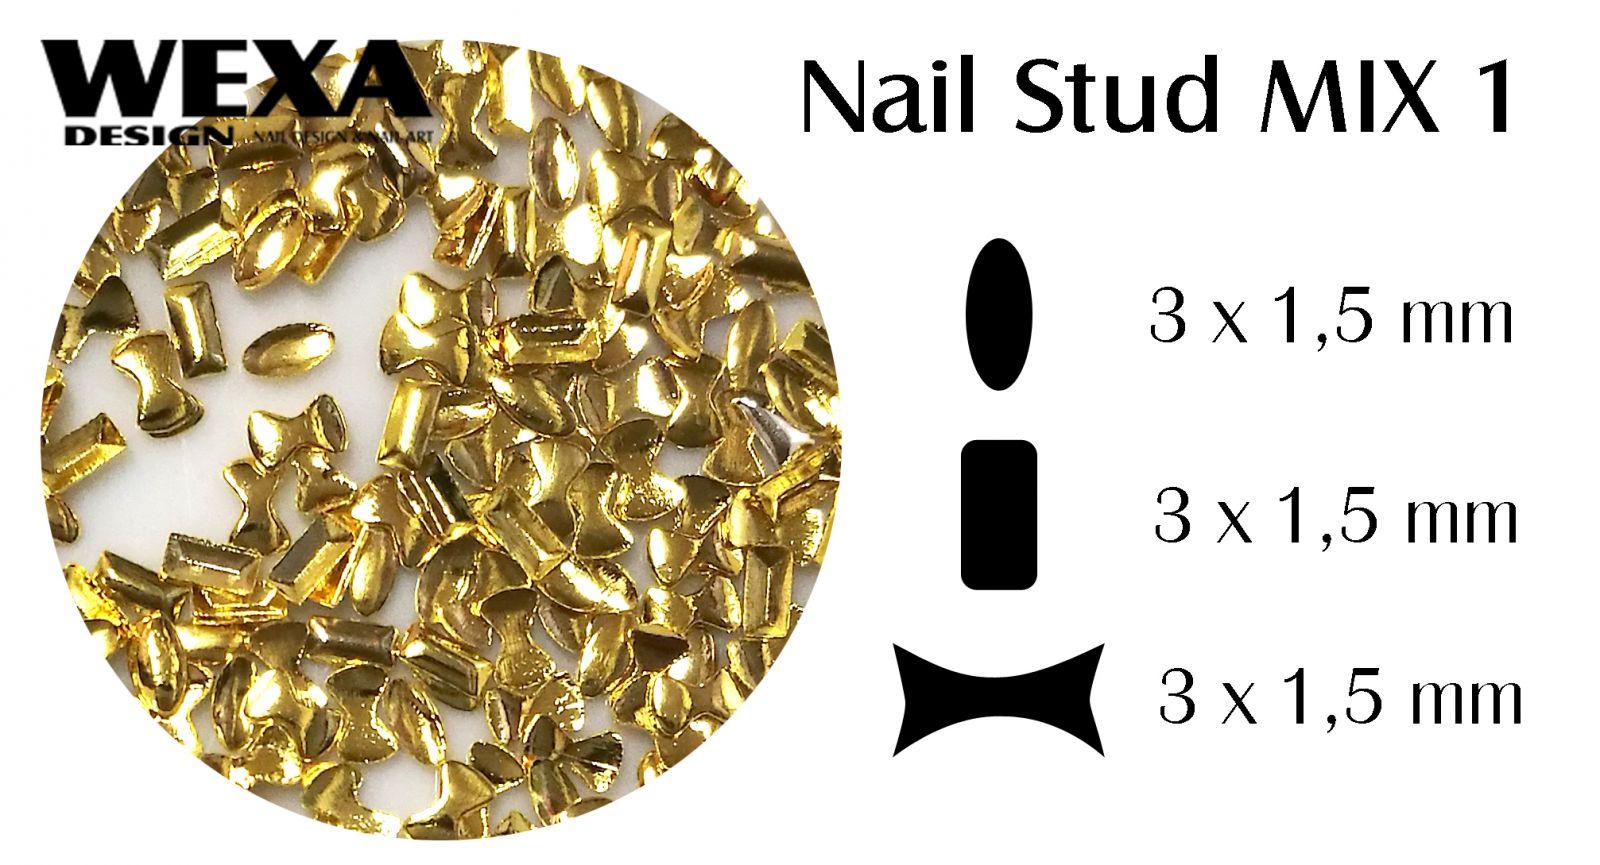 Kovová ozdoba na nechty - Nail Stud MIX 1